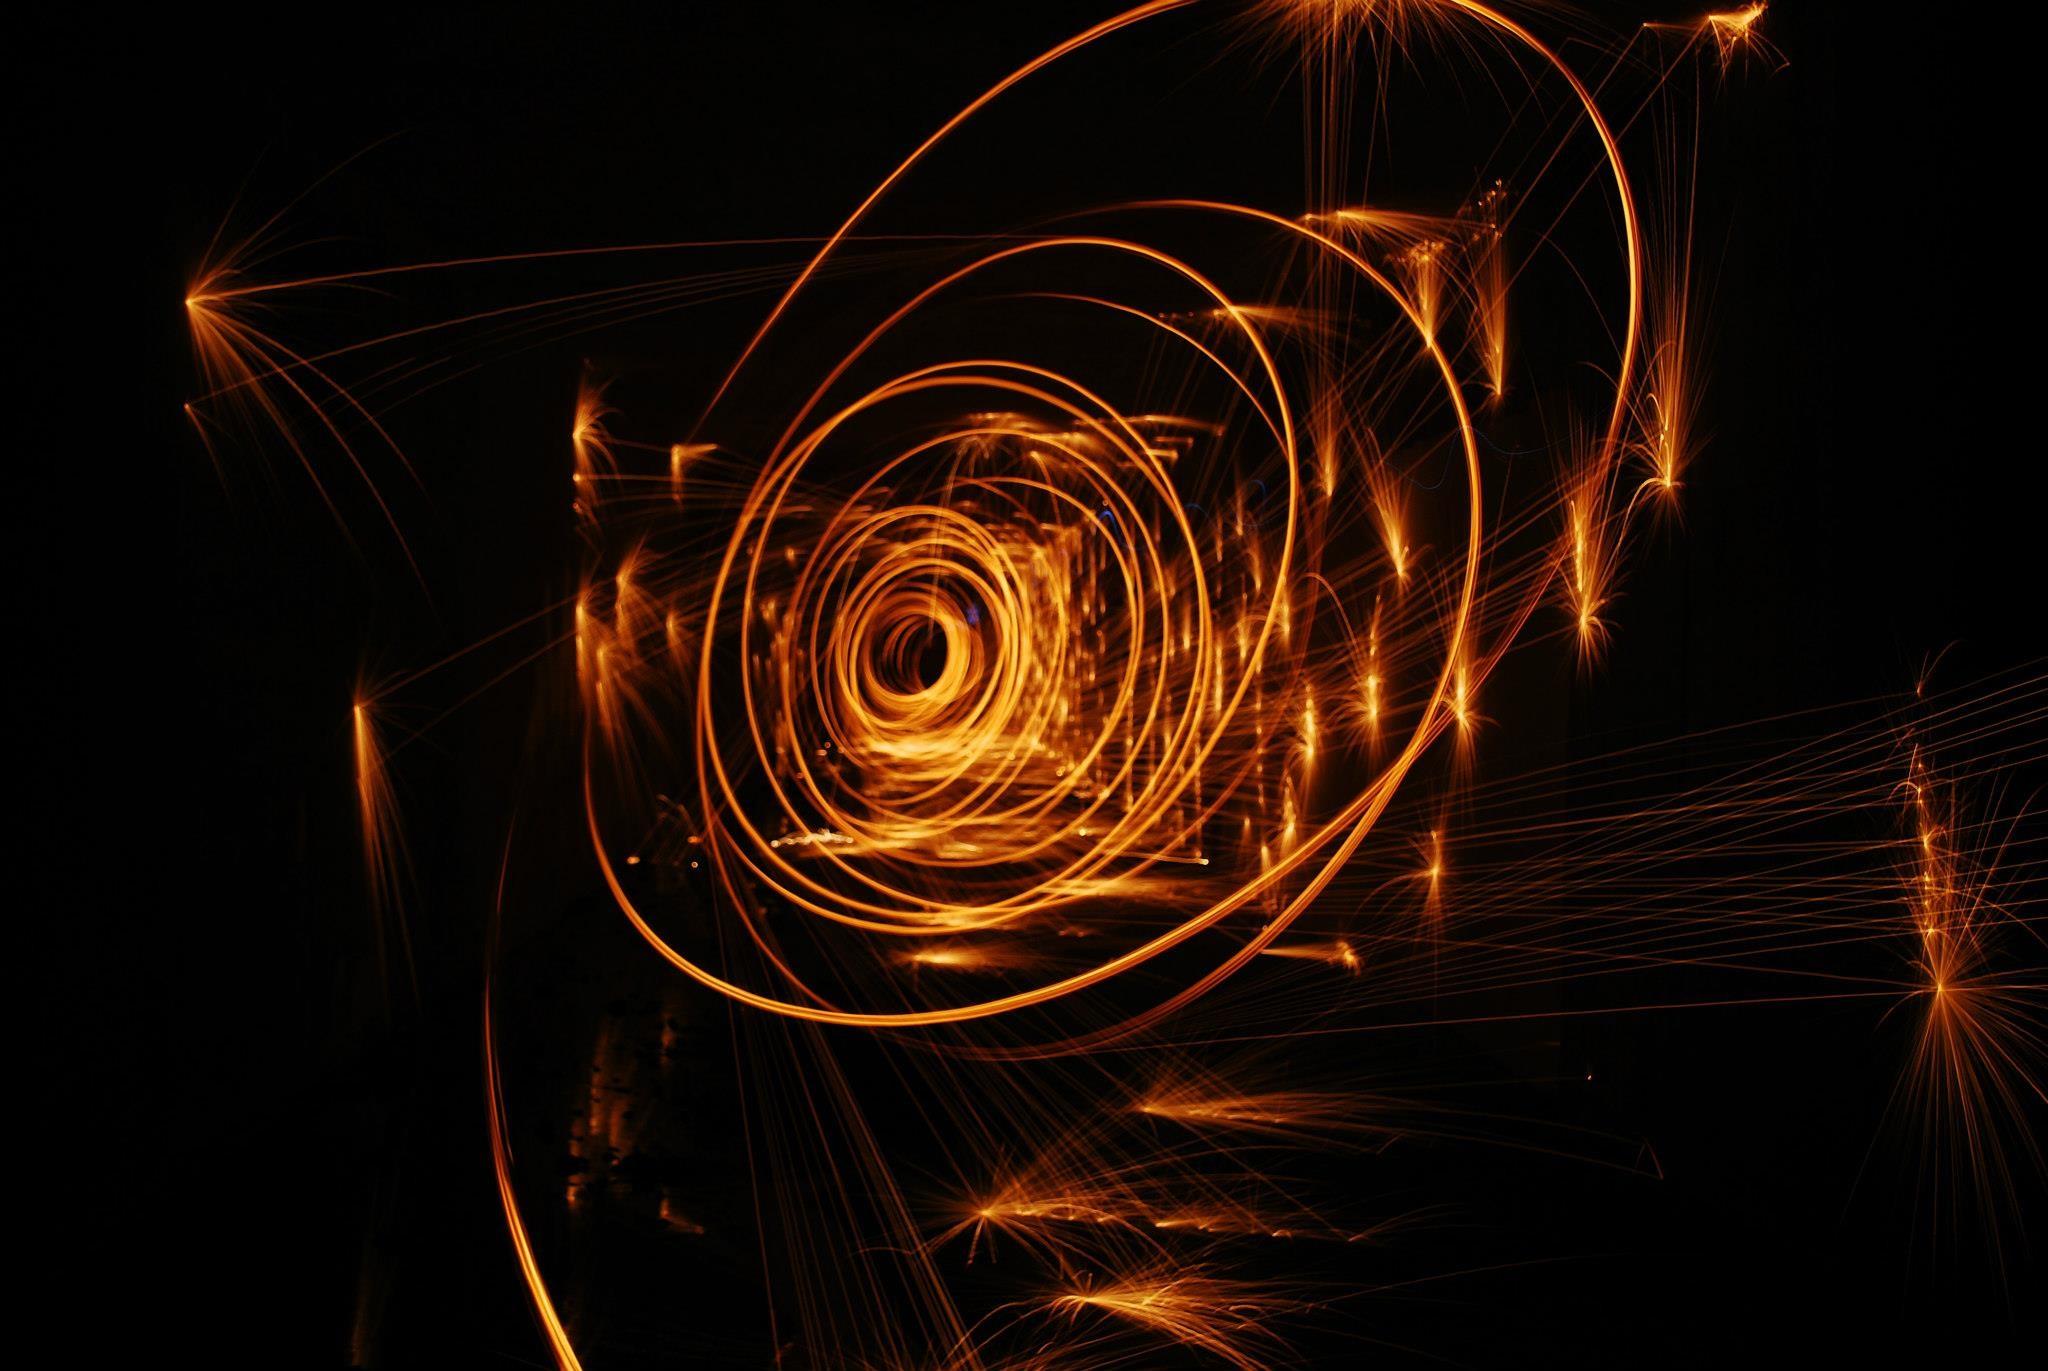 Wonderful Wallpaper Fire Gold - light-night-sparkler-flame-fire-darkness-burn-gold-circles-sparks-drips-screenshot-macro-photography-computer-wallpaper-fractal-art-842240  Gallery_254915 .jpg